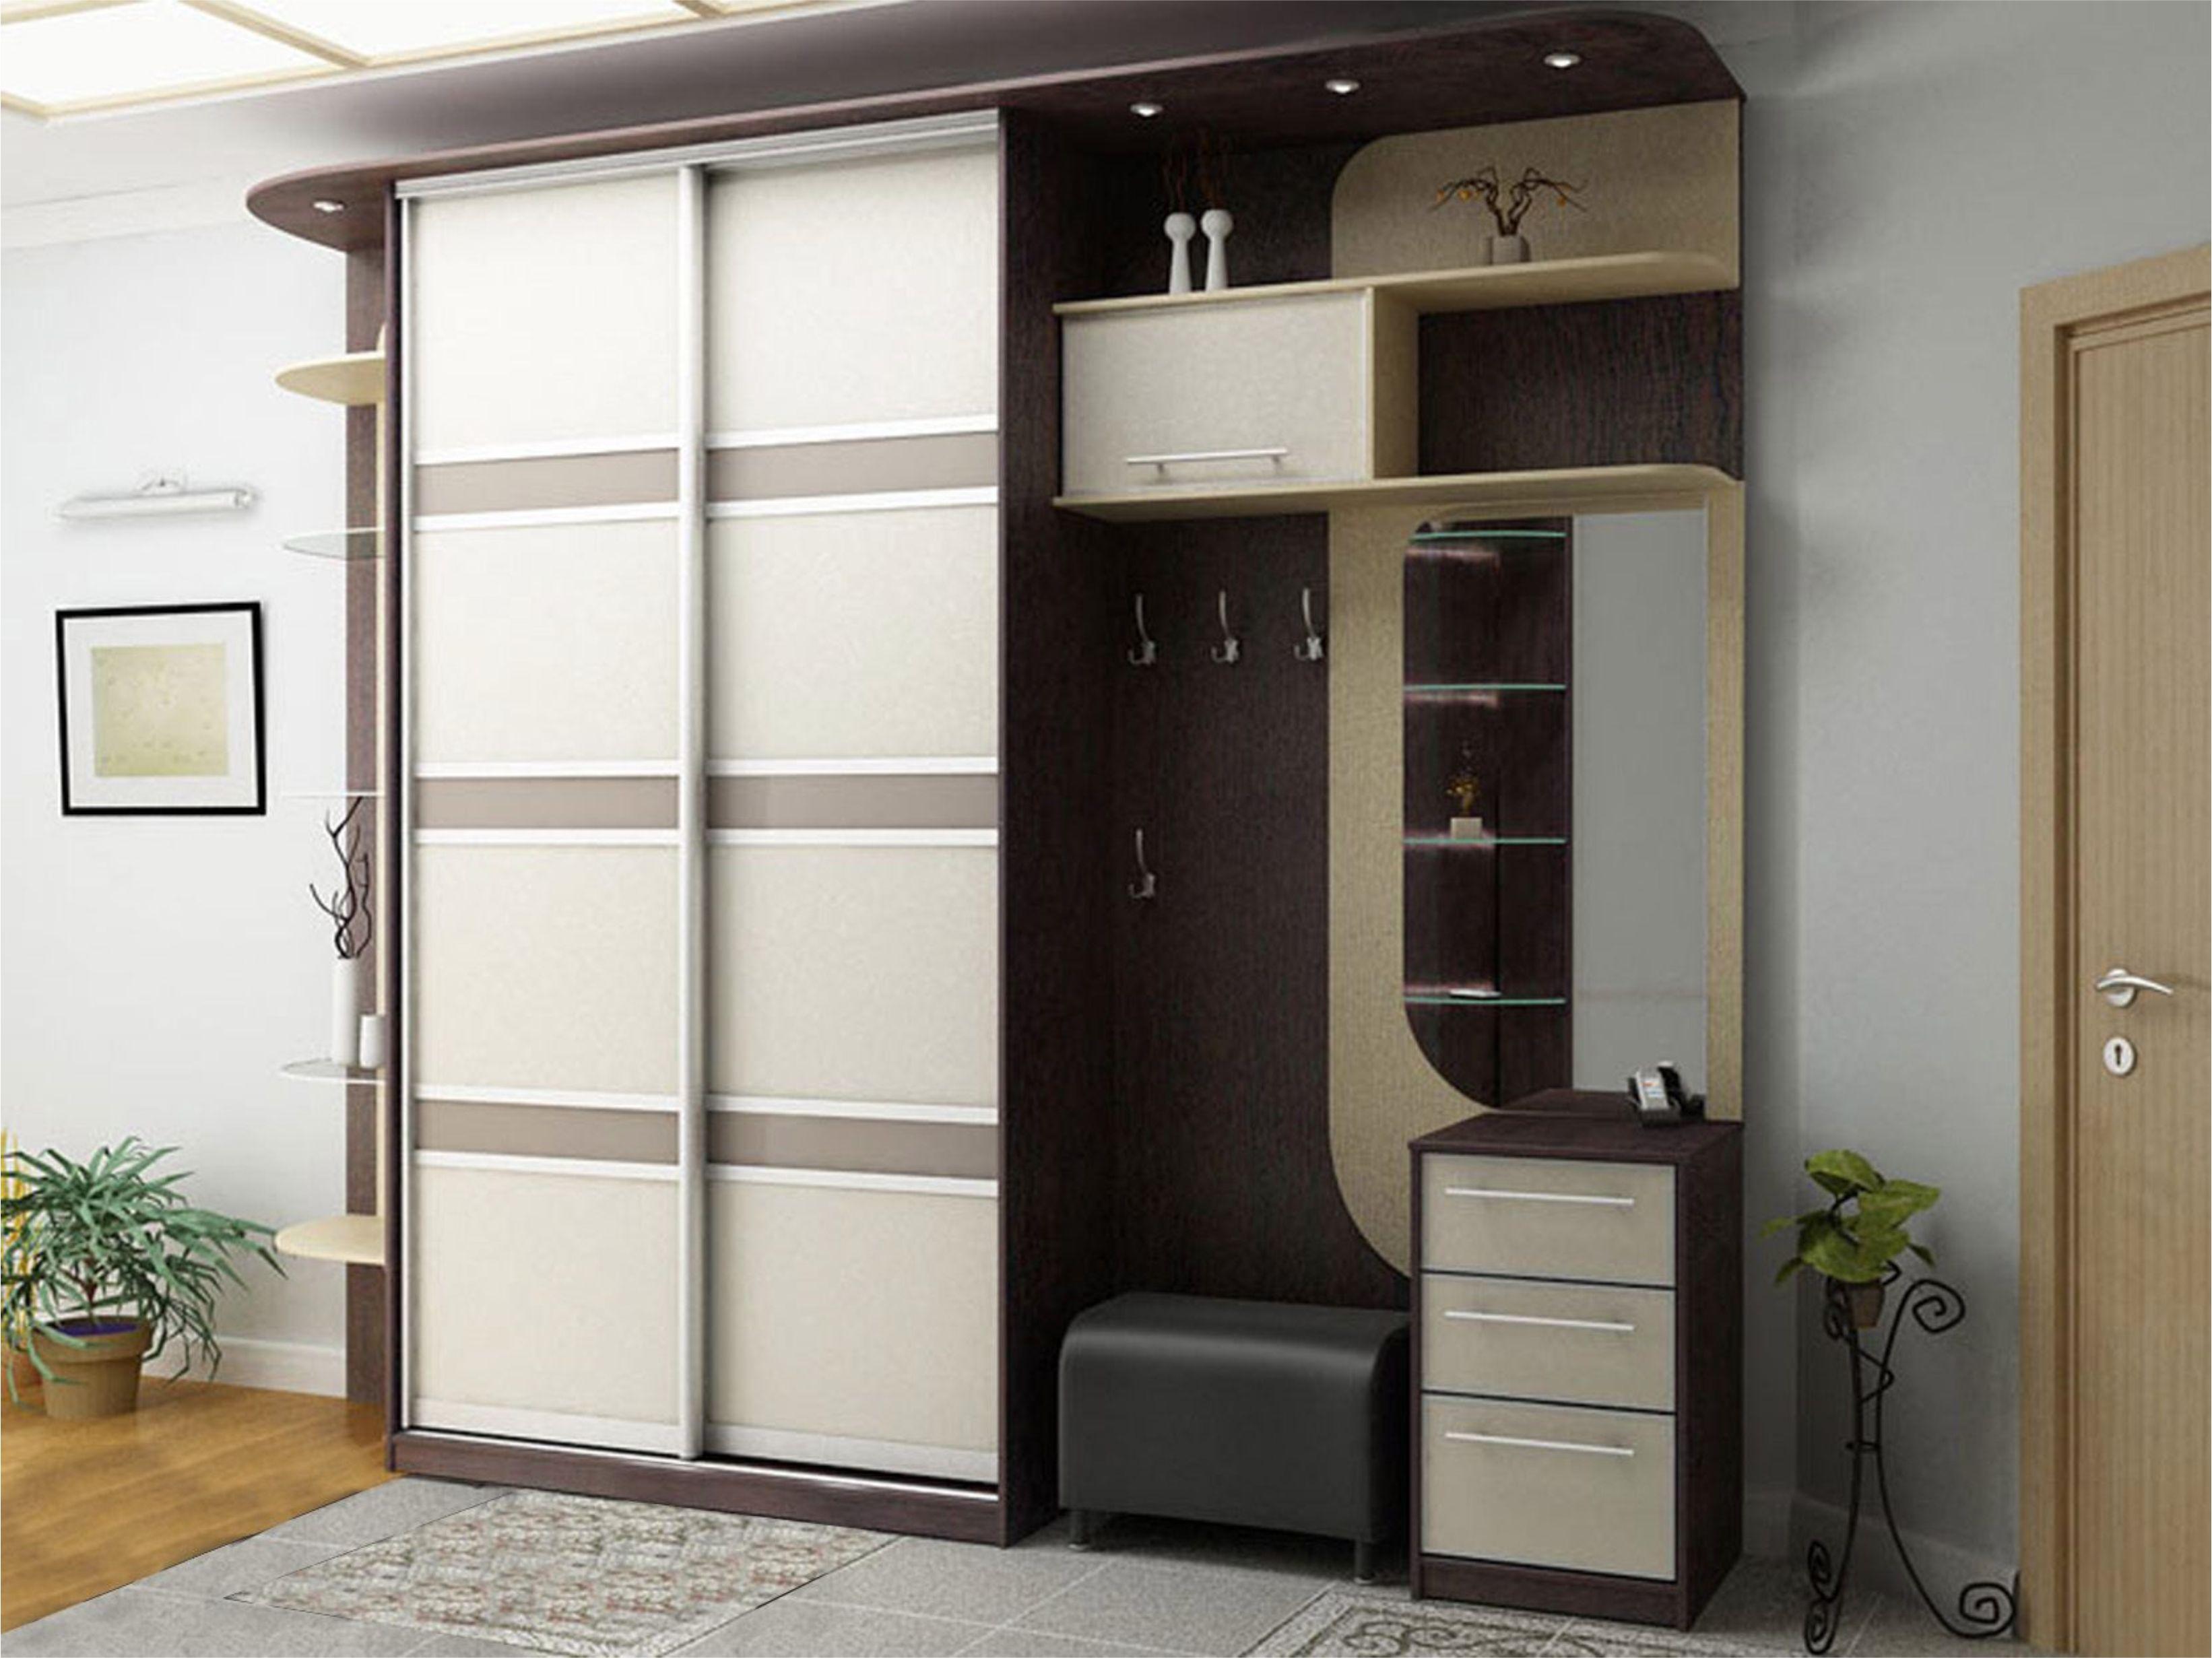 Мебель для прихожей на заказ в санкт-петербурге.